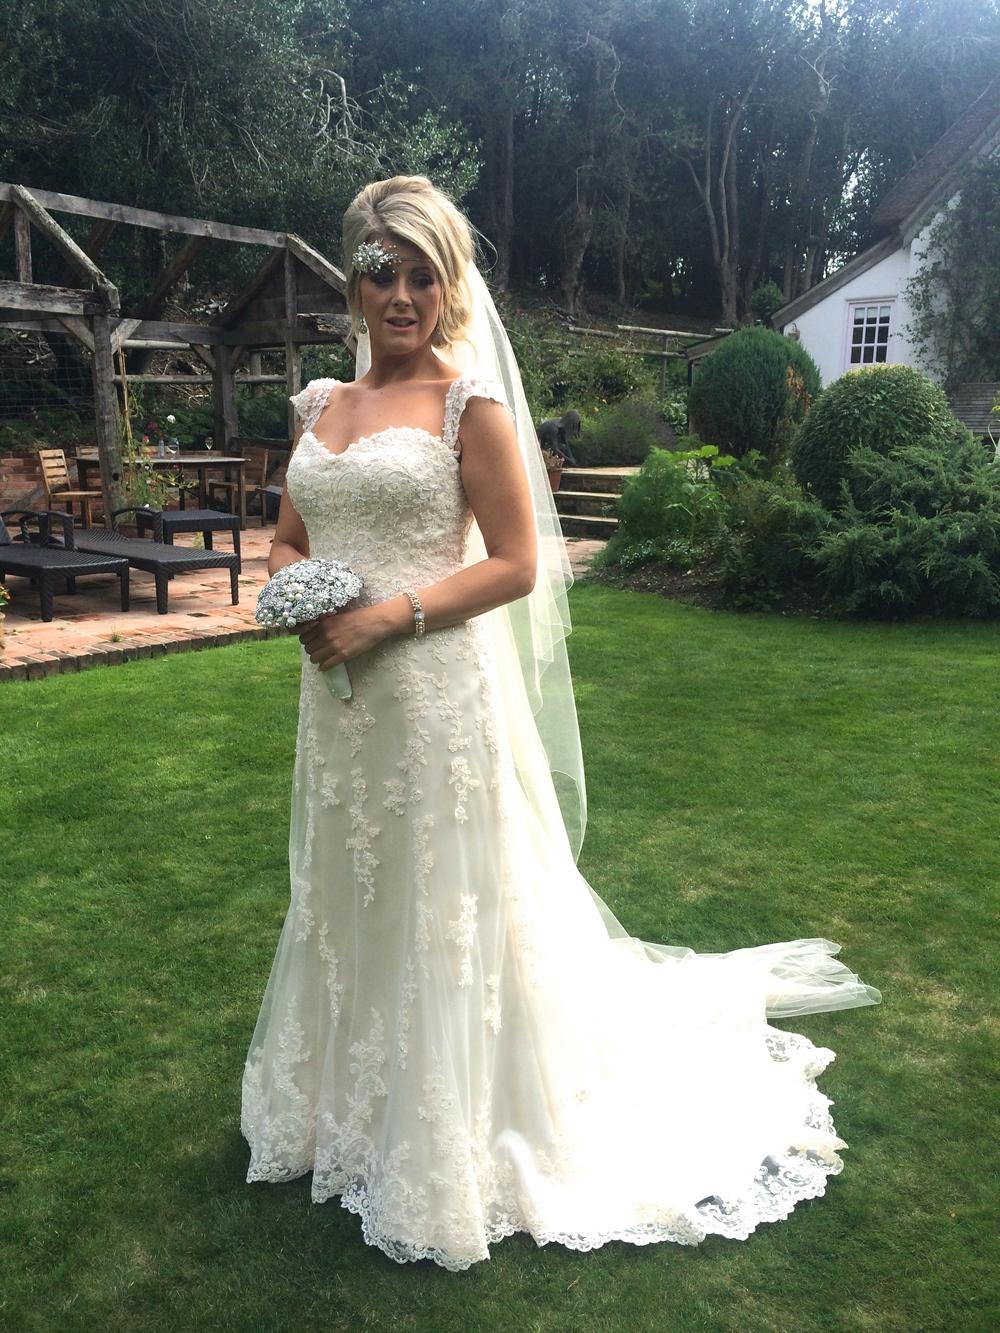 Beautiful Bride LuLu